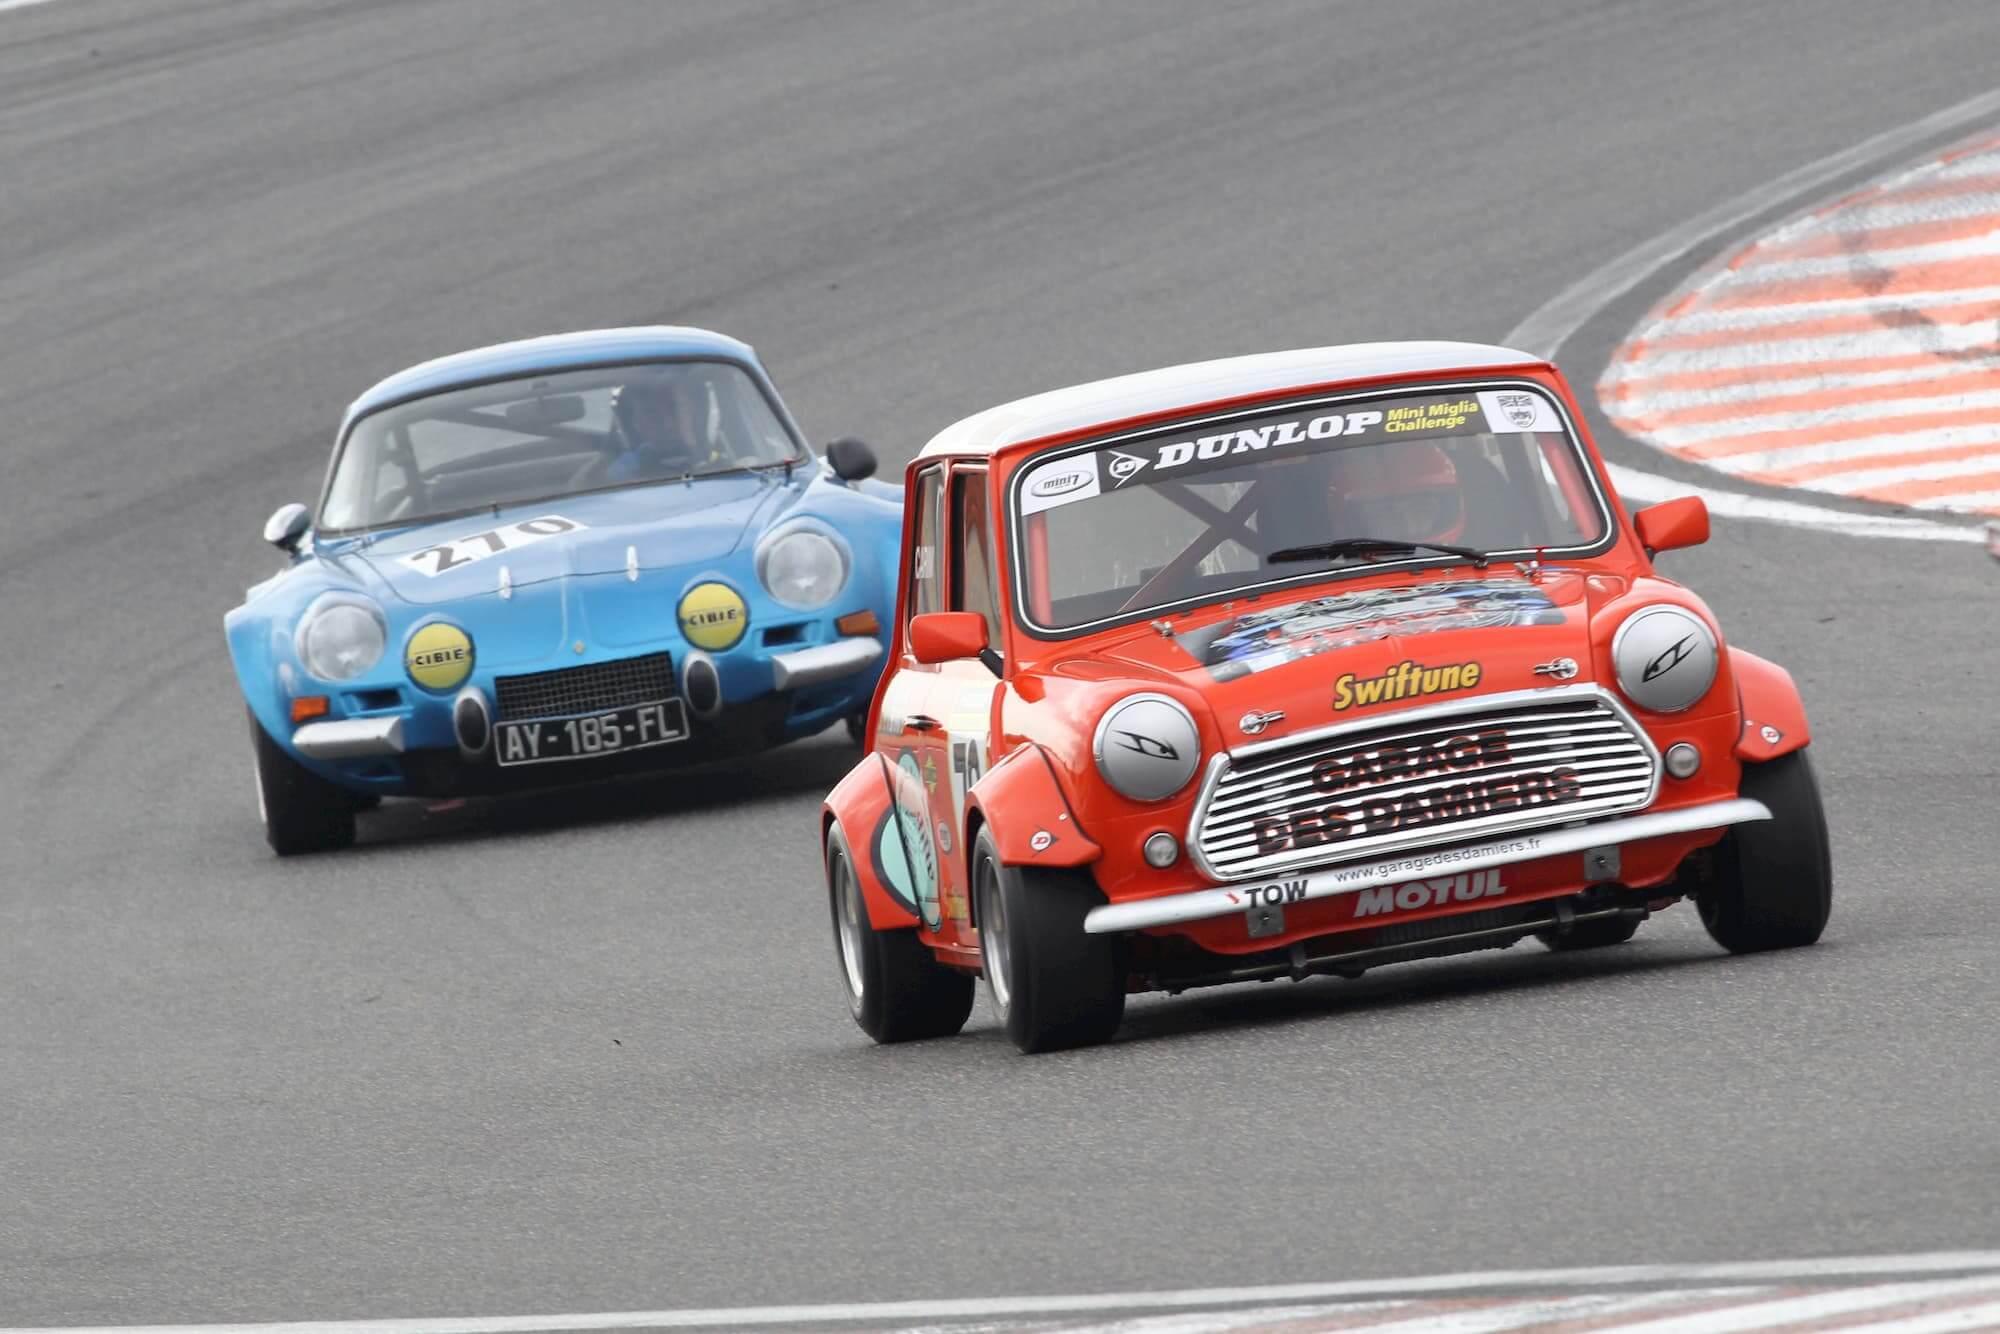 La mini austin sur le circuit de Dijon-Prénois, un circuit de légende pour la course automobile vintage